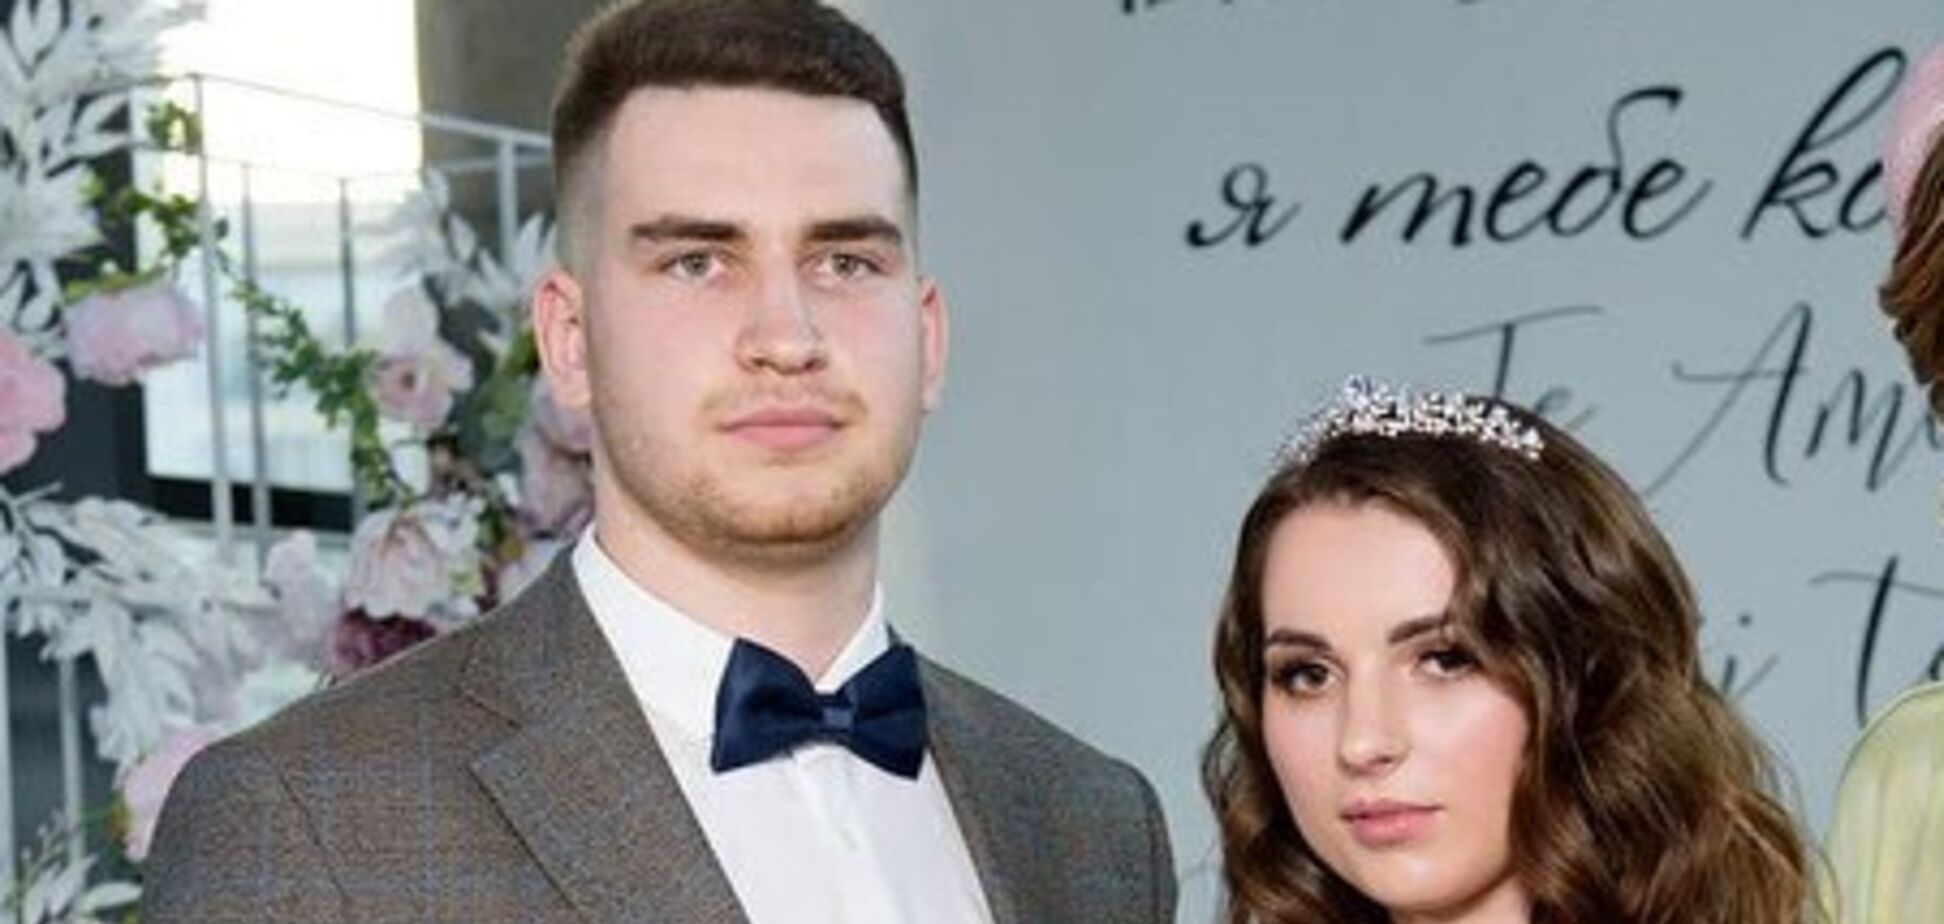 Донька Кузьми 'Скрябіна' вийшла заміж: що відомо про її чоловіка